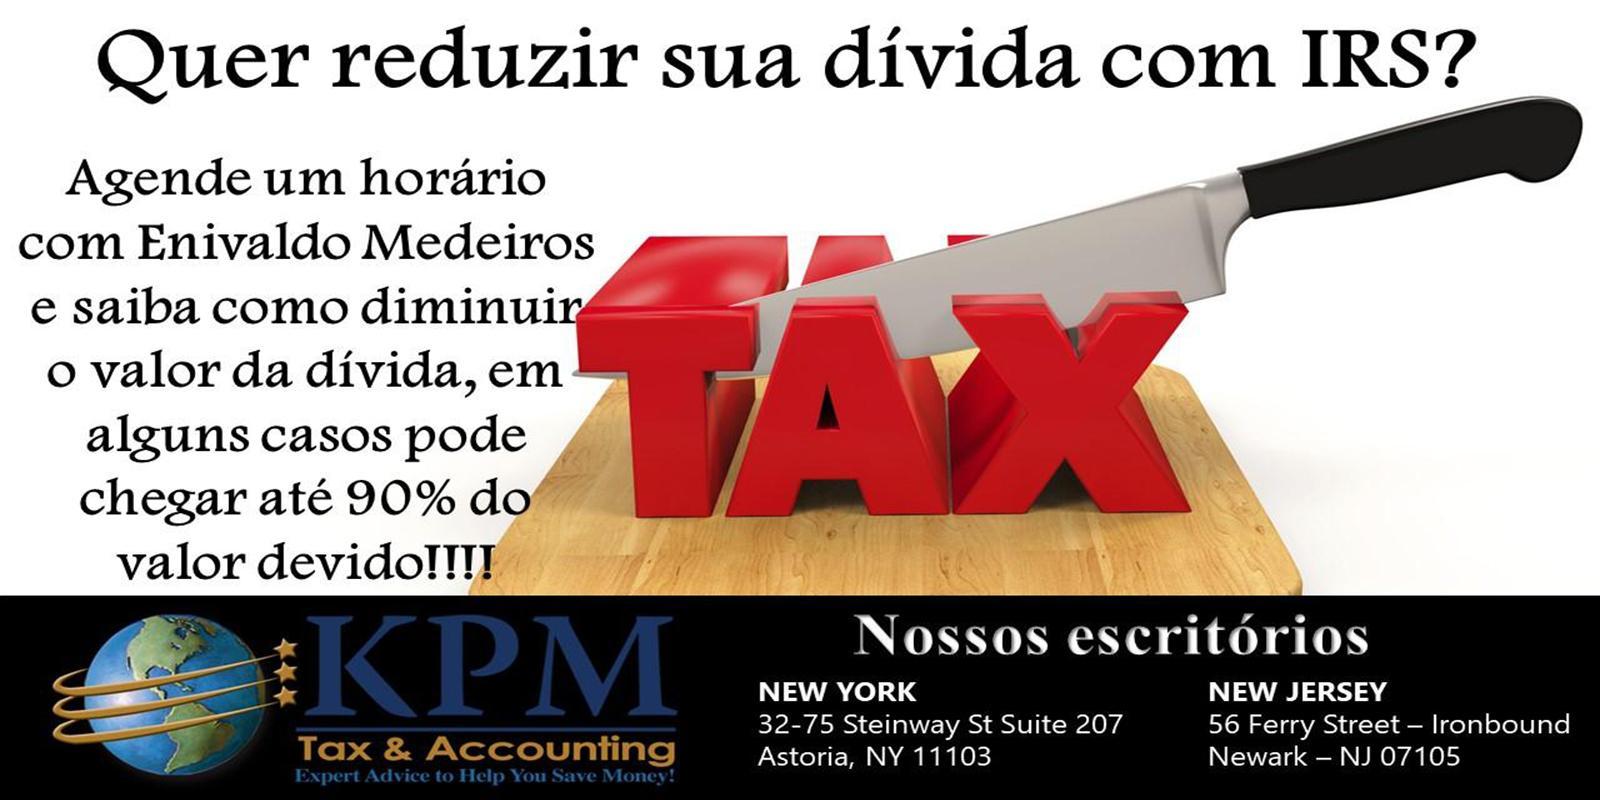 Quer reduzir sua dívida com IRS?